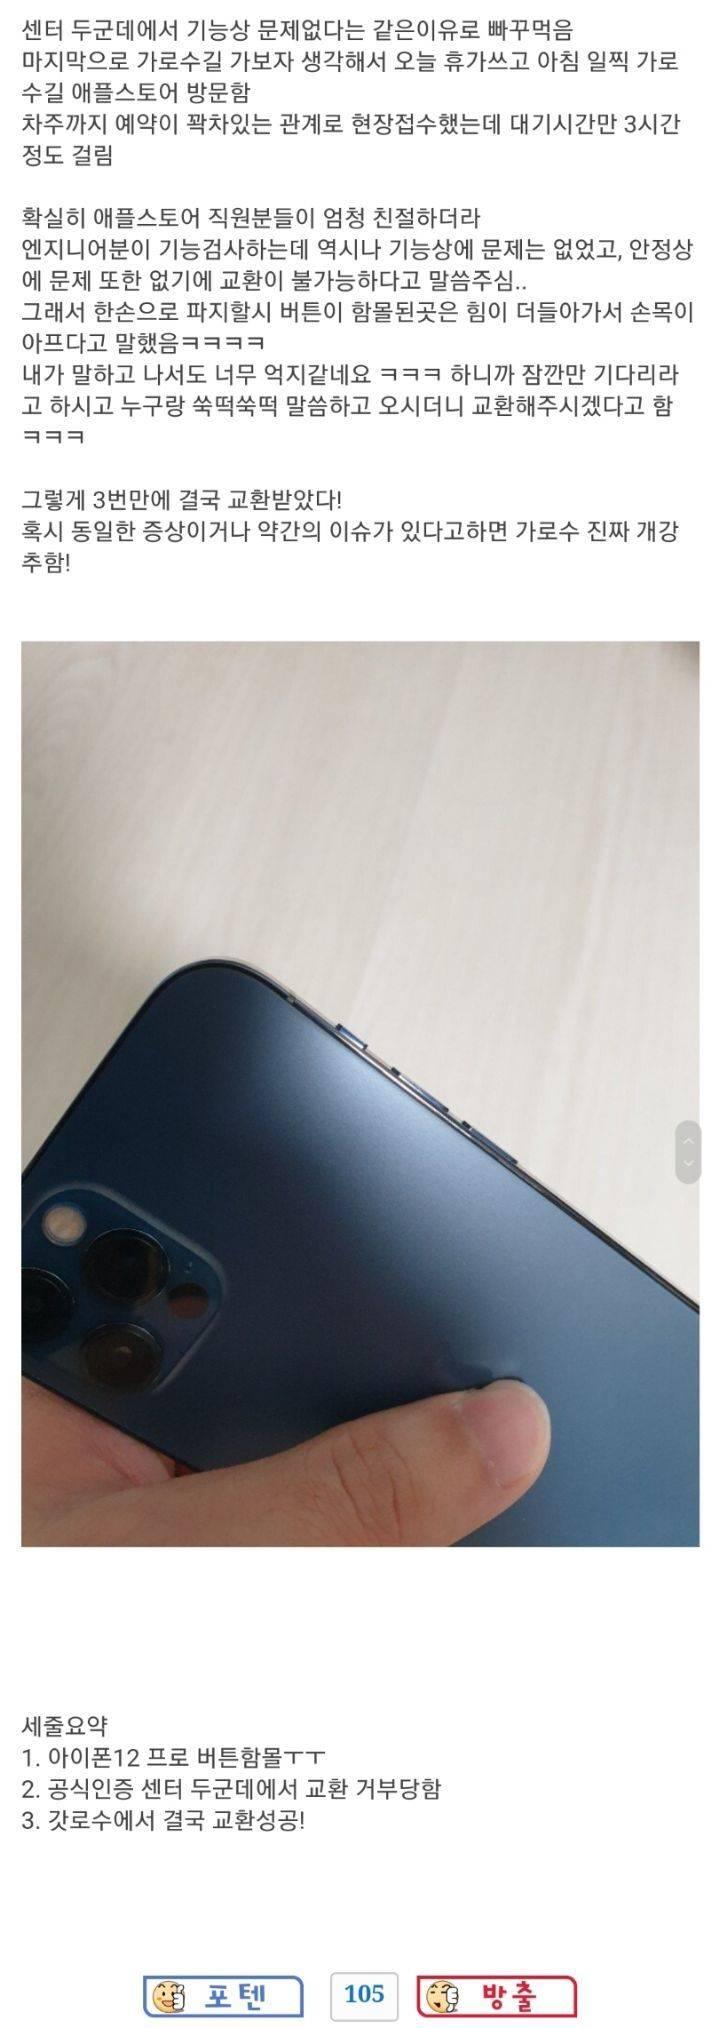 아이폰12 프로 불량 AS후기.jpg | 인스티즈